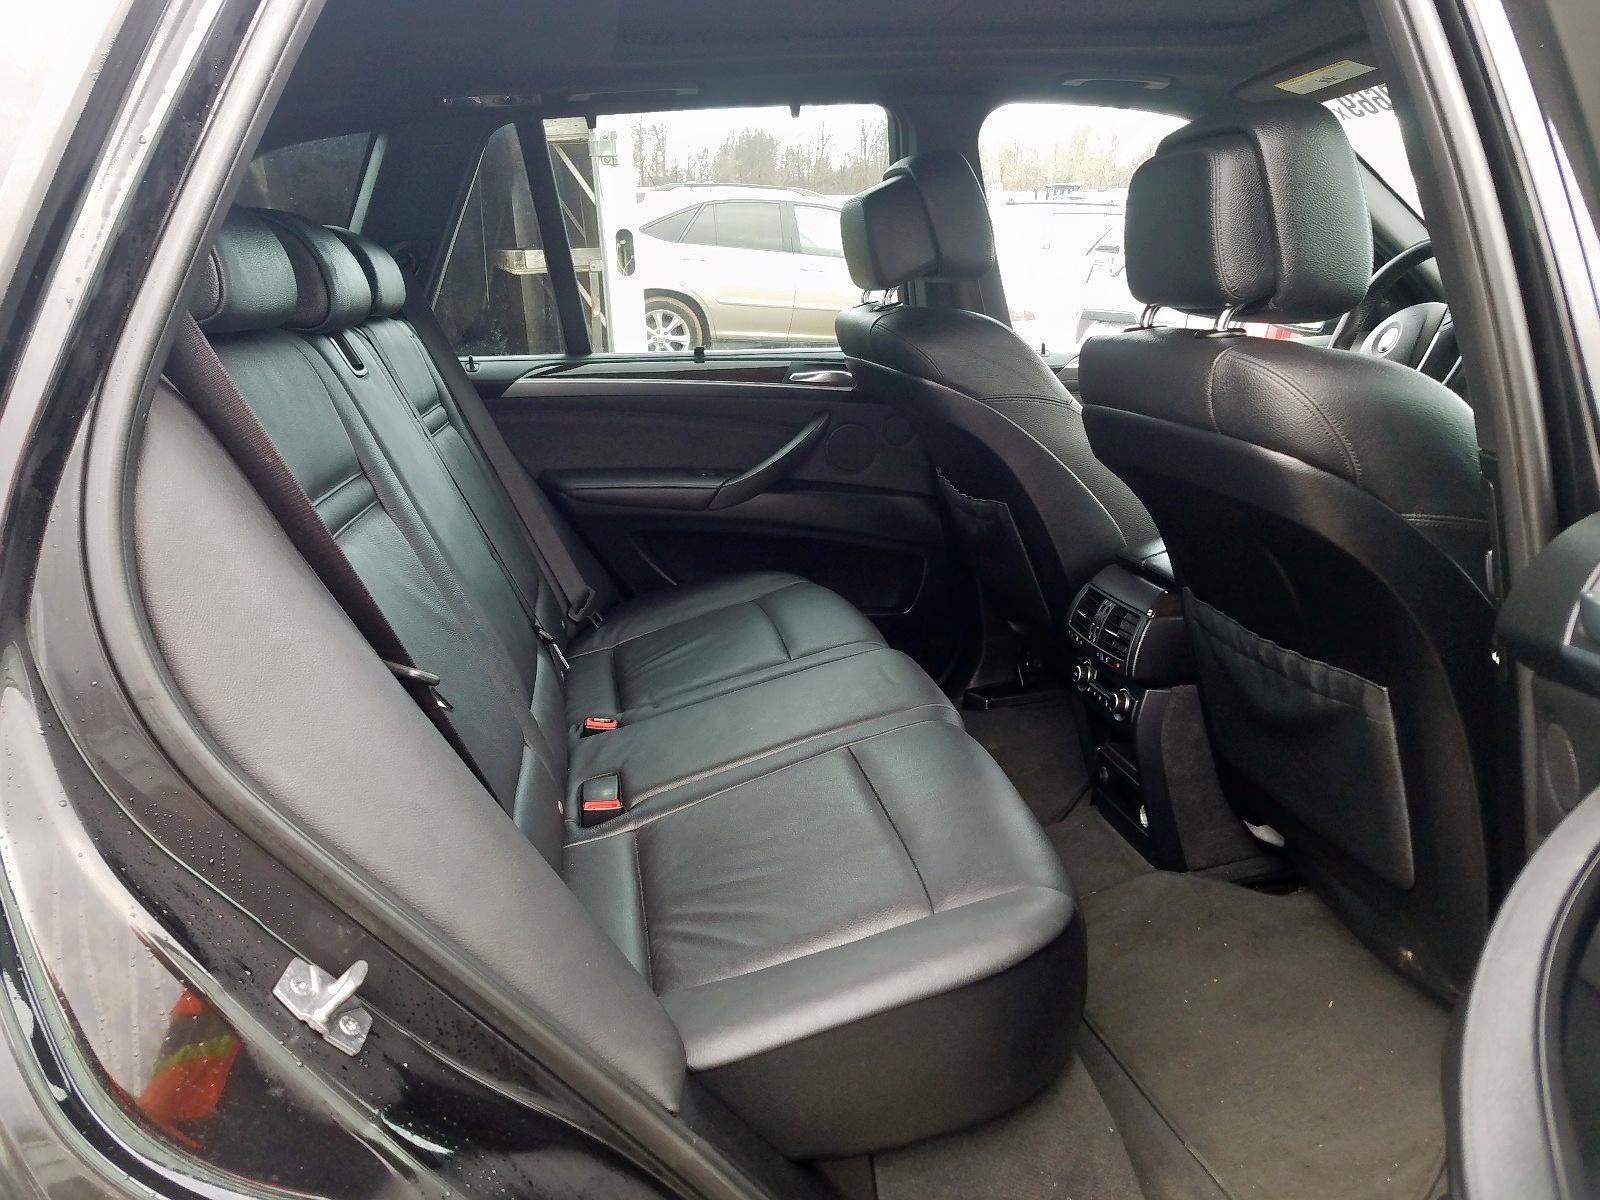 2013 Bmw X5 Xdrive5 4.4L detail view